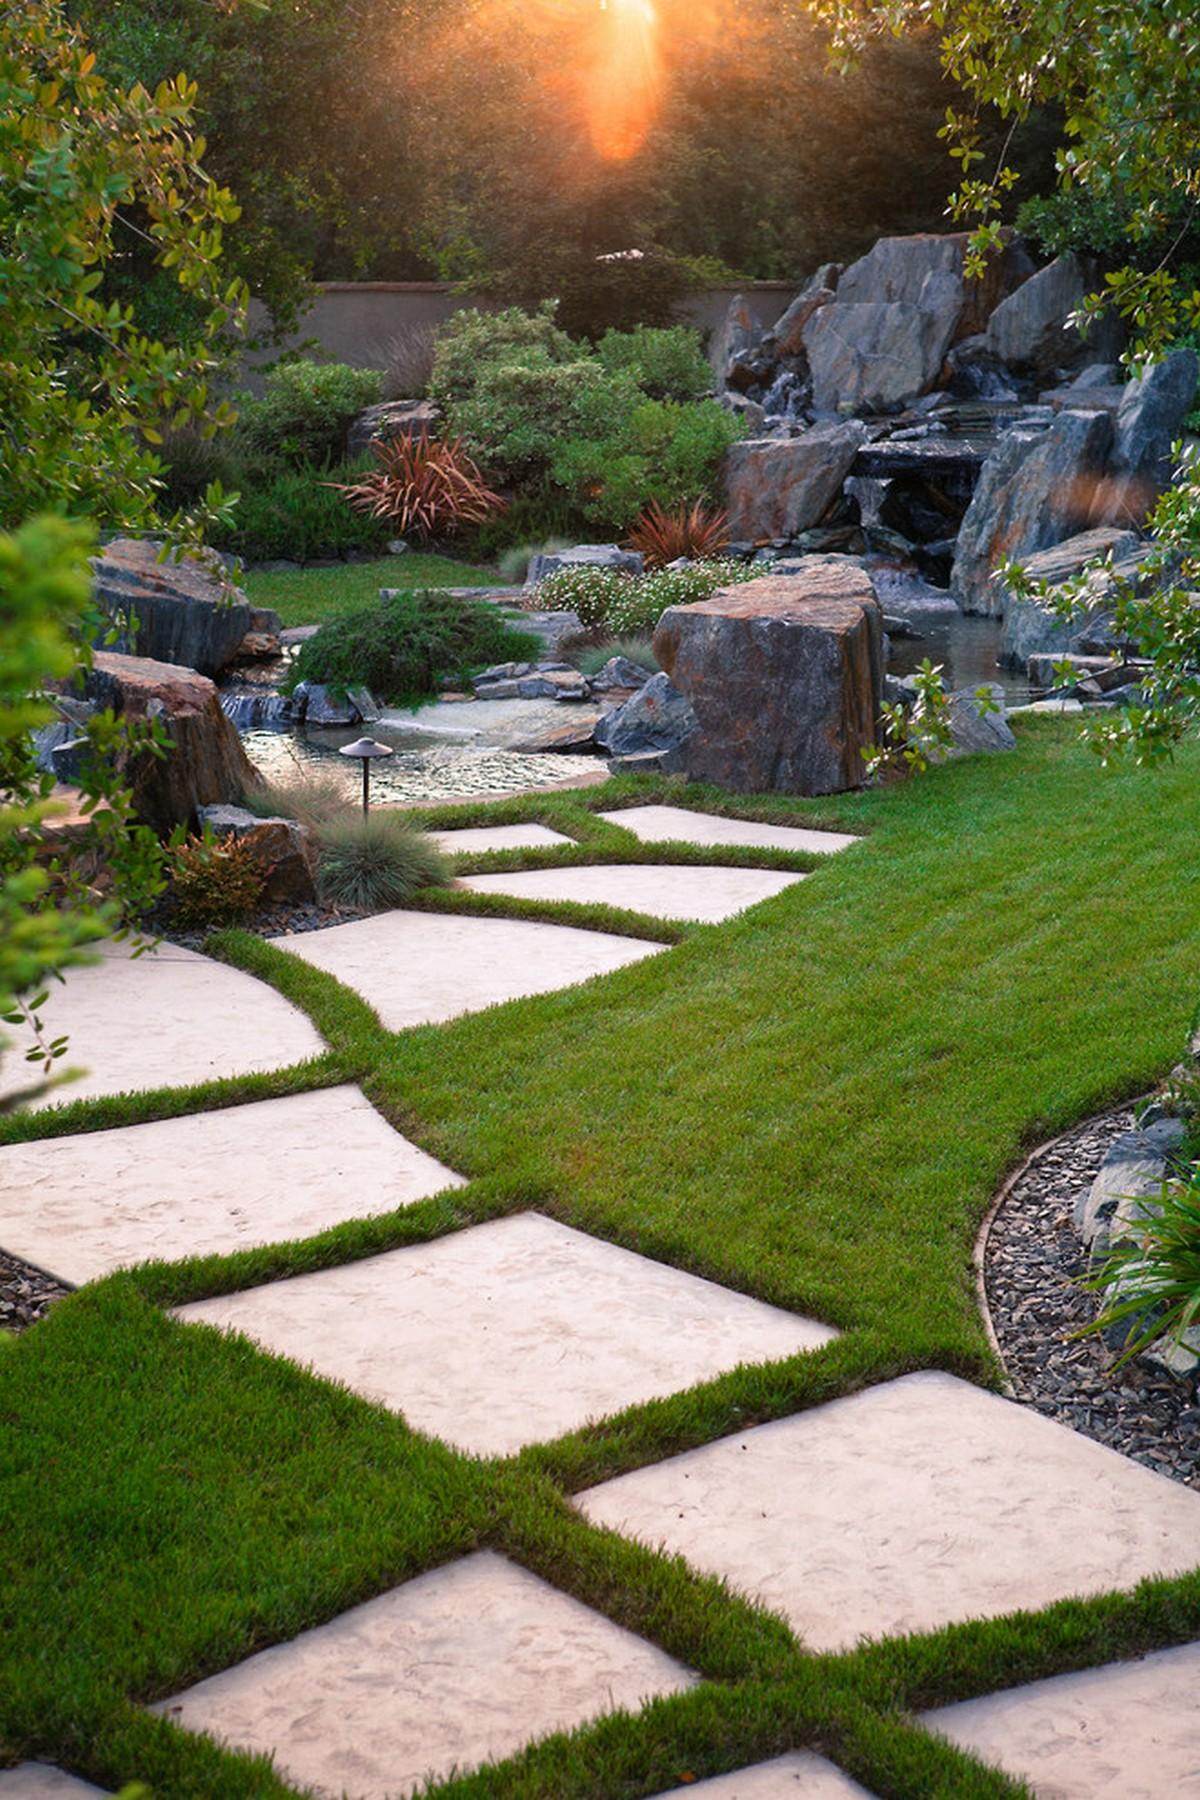 ландшафтный дизайн садового участка проект фигурная плитка